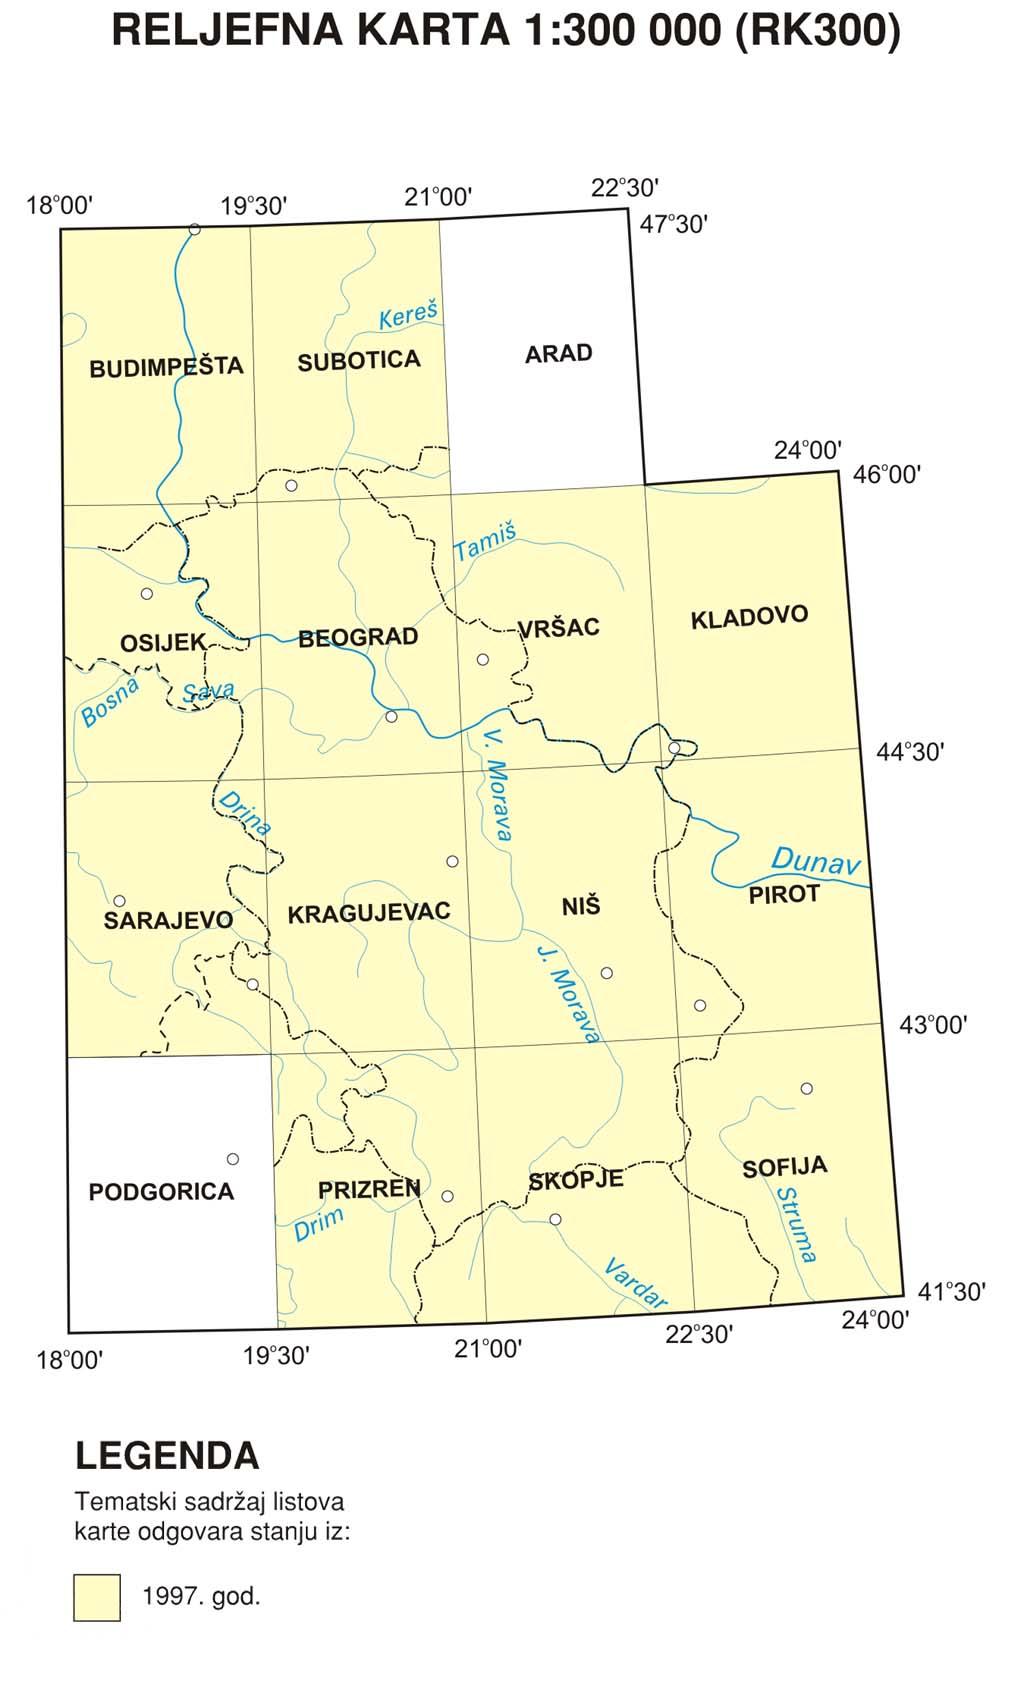 Рељефна прегледно-топографска карта 1:300.000